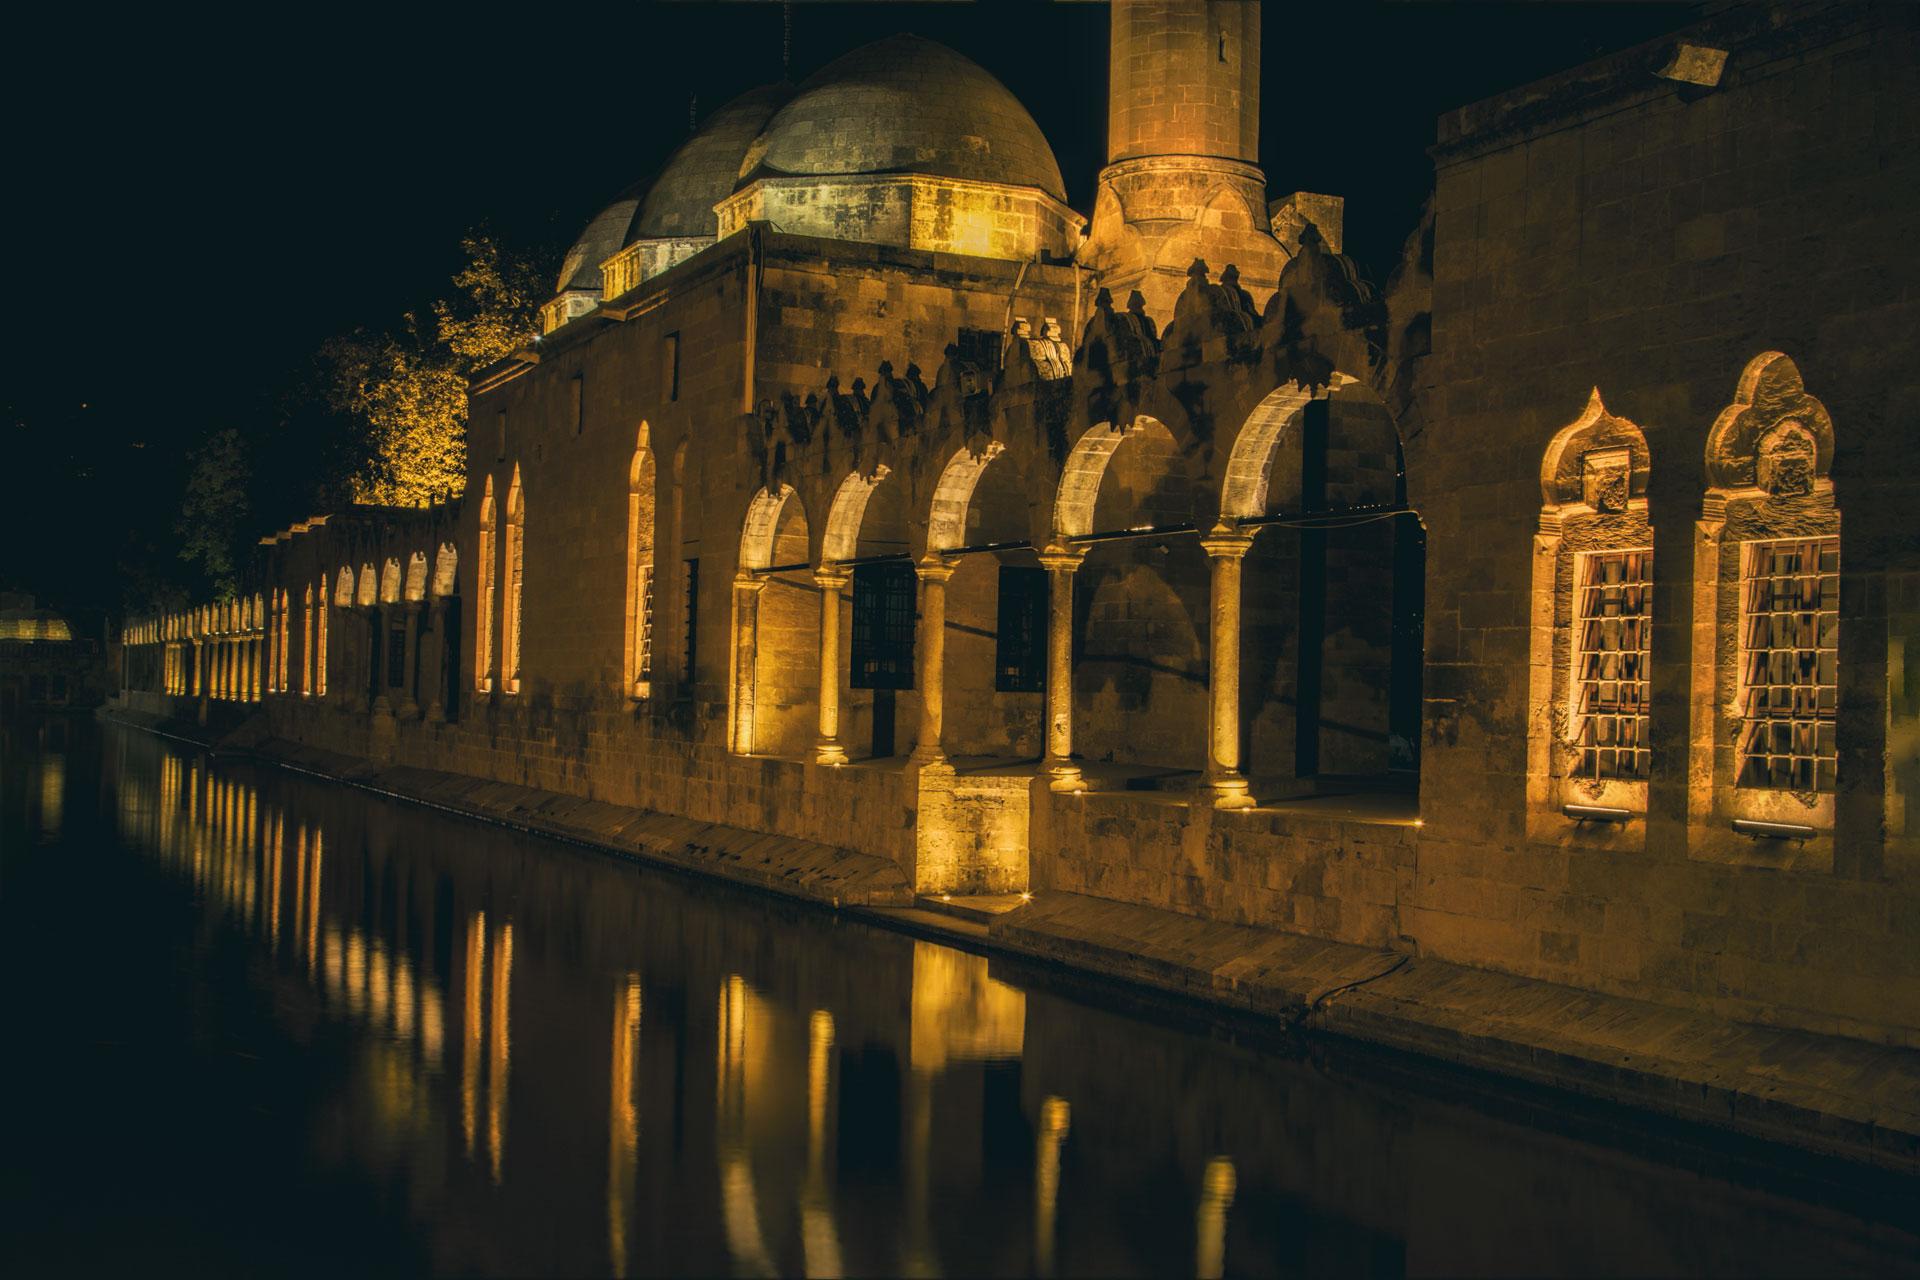 Balıklıgöl Fotoğrafları Balıklı Göl Şanlıurfa Türkiye Gezgin Fotoğrafçı Çekergezer Hakan Aydın www.cekergezer.com www.cekergezer.com